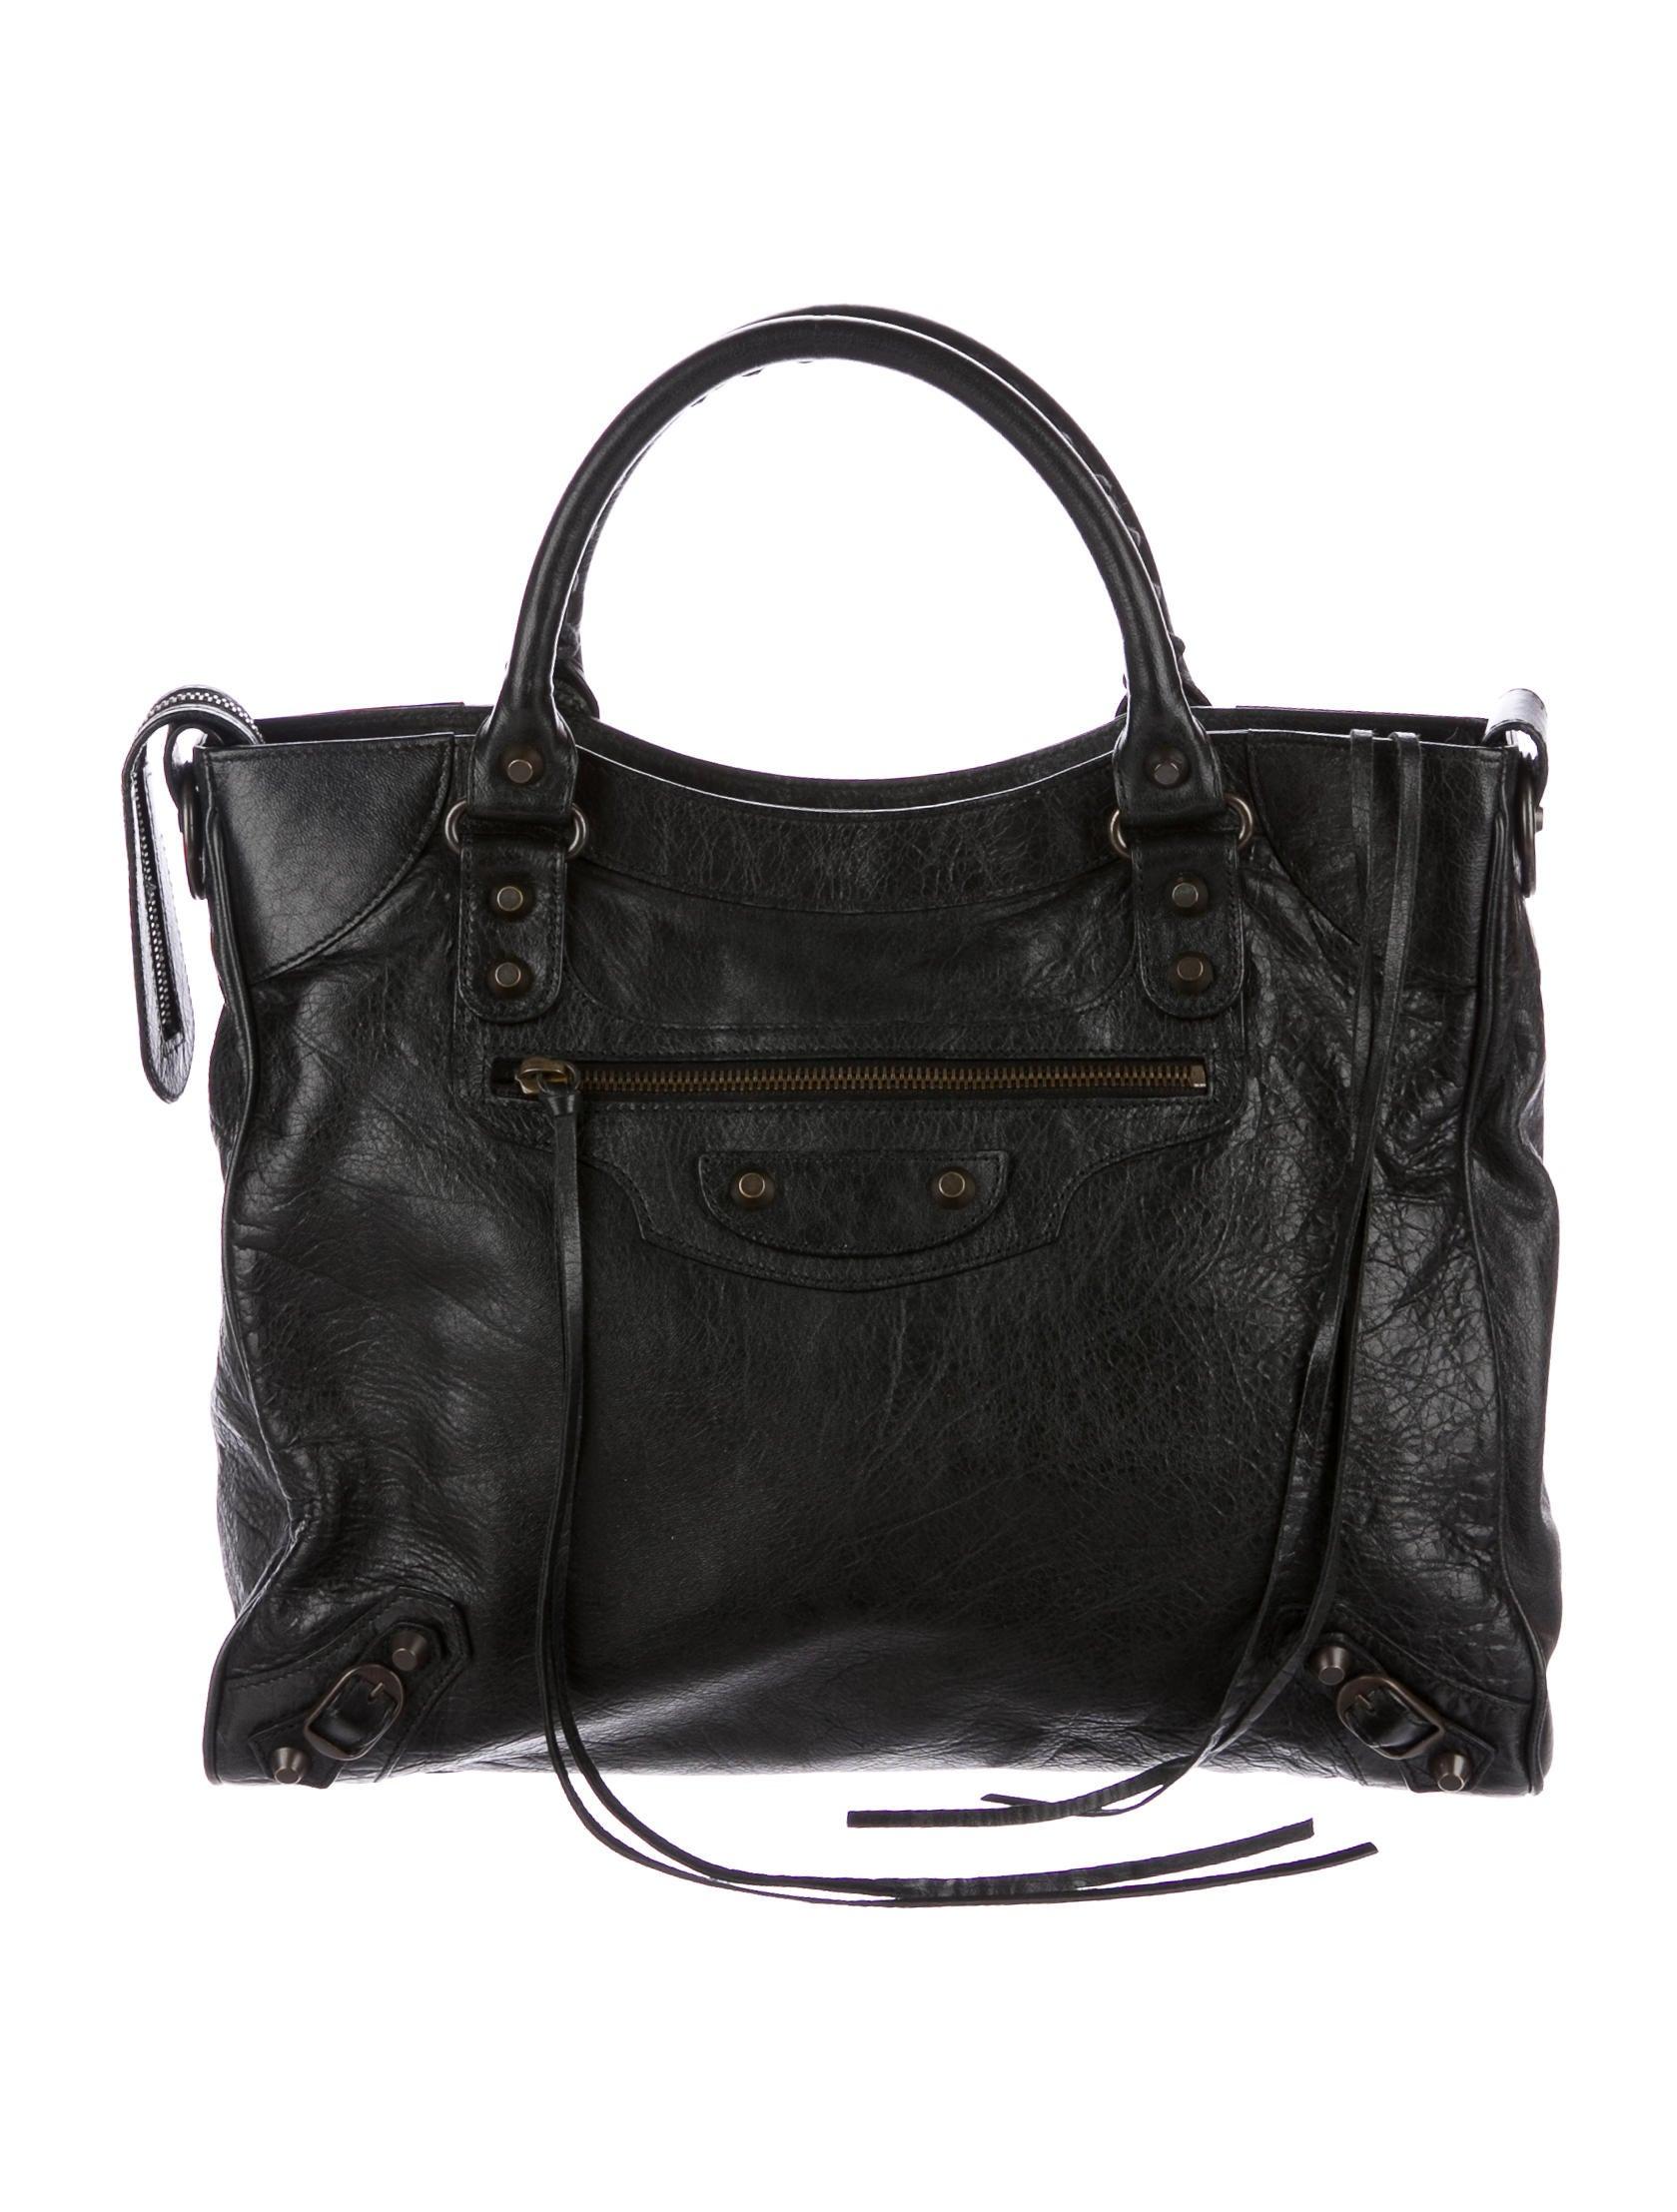 Balenciaga Velo Bag Black